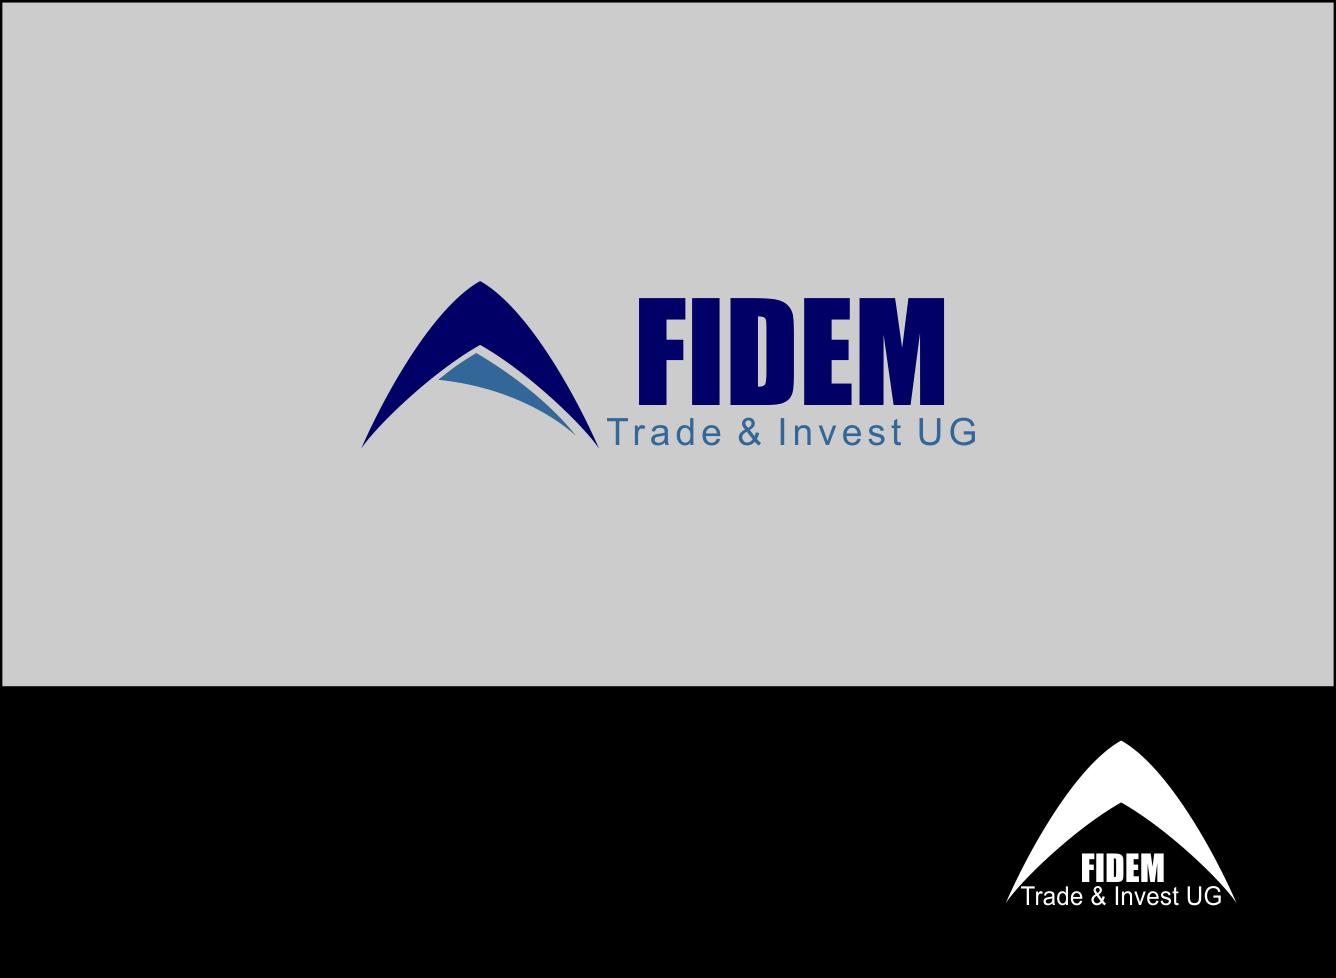 Logo Design by Agus Martoyo - Entry No. 143 in the Logo Design Contest Professional Logo Design for FIDEM Trade & Invest UG.